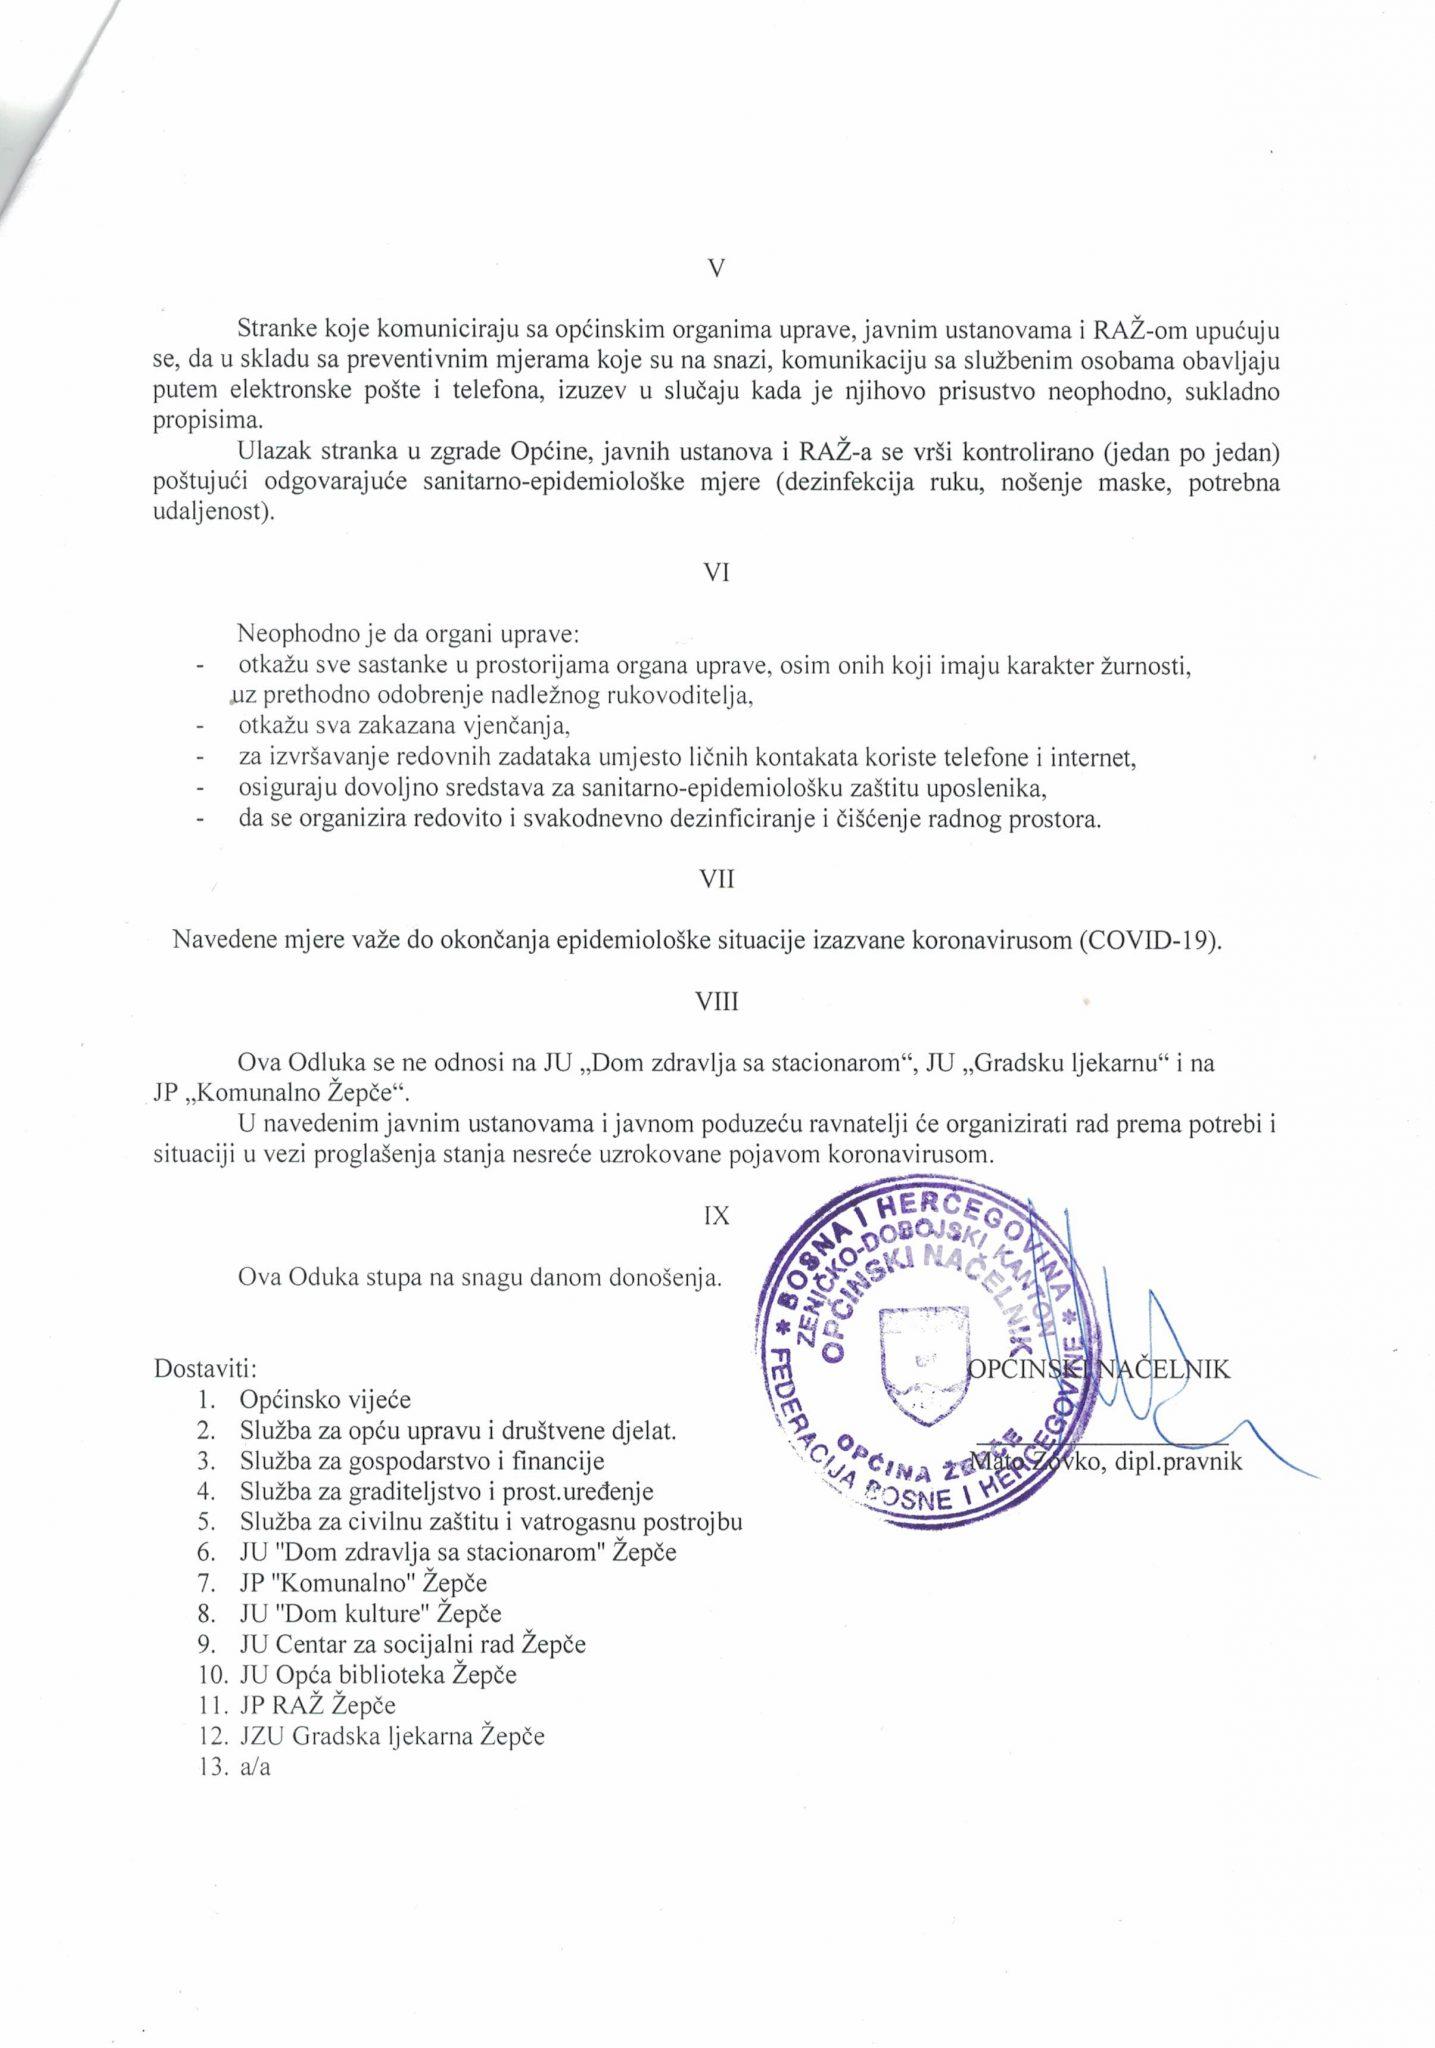 Odluka-2 Donesena Odluka o načinu rada organa uprave Općine Žepče zbog novonastale situacije pandemije koronavirusa